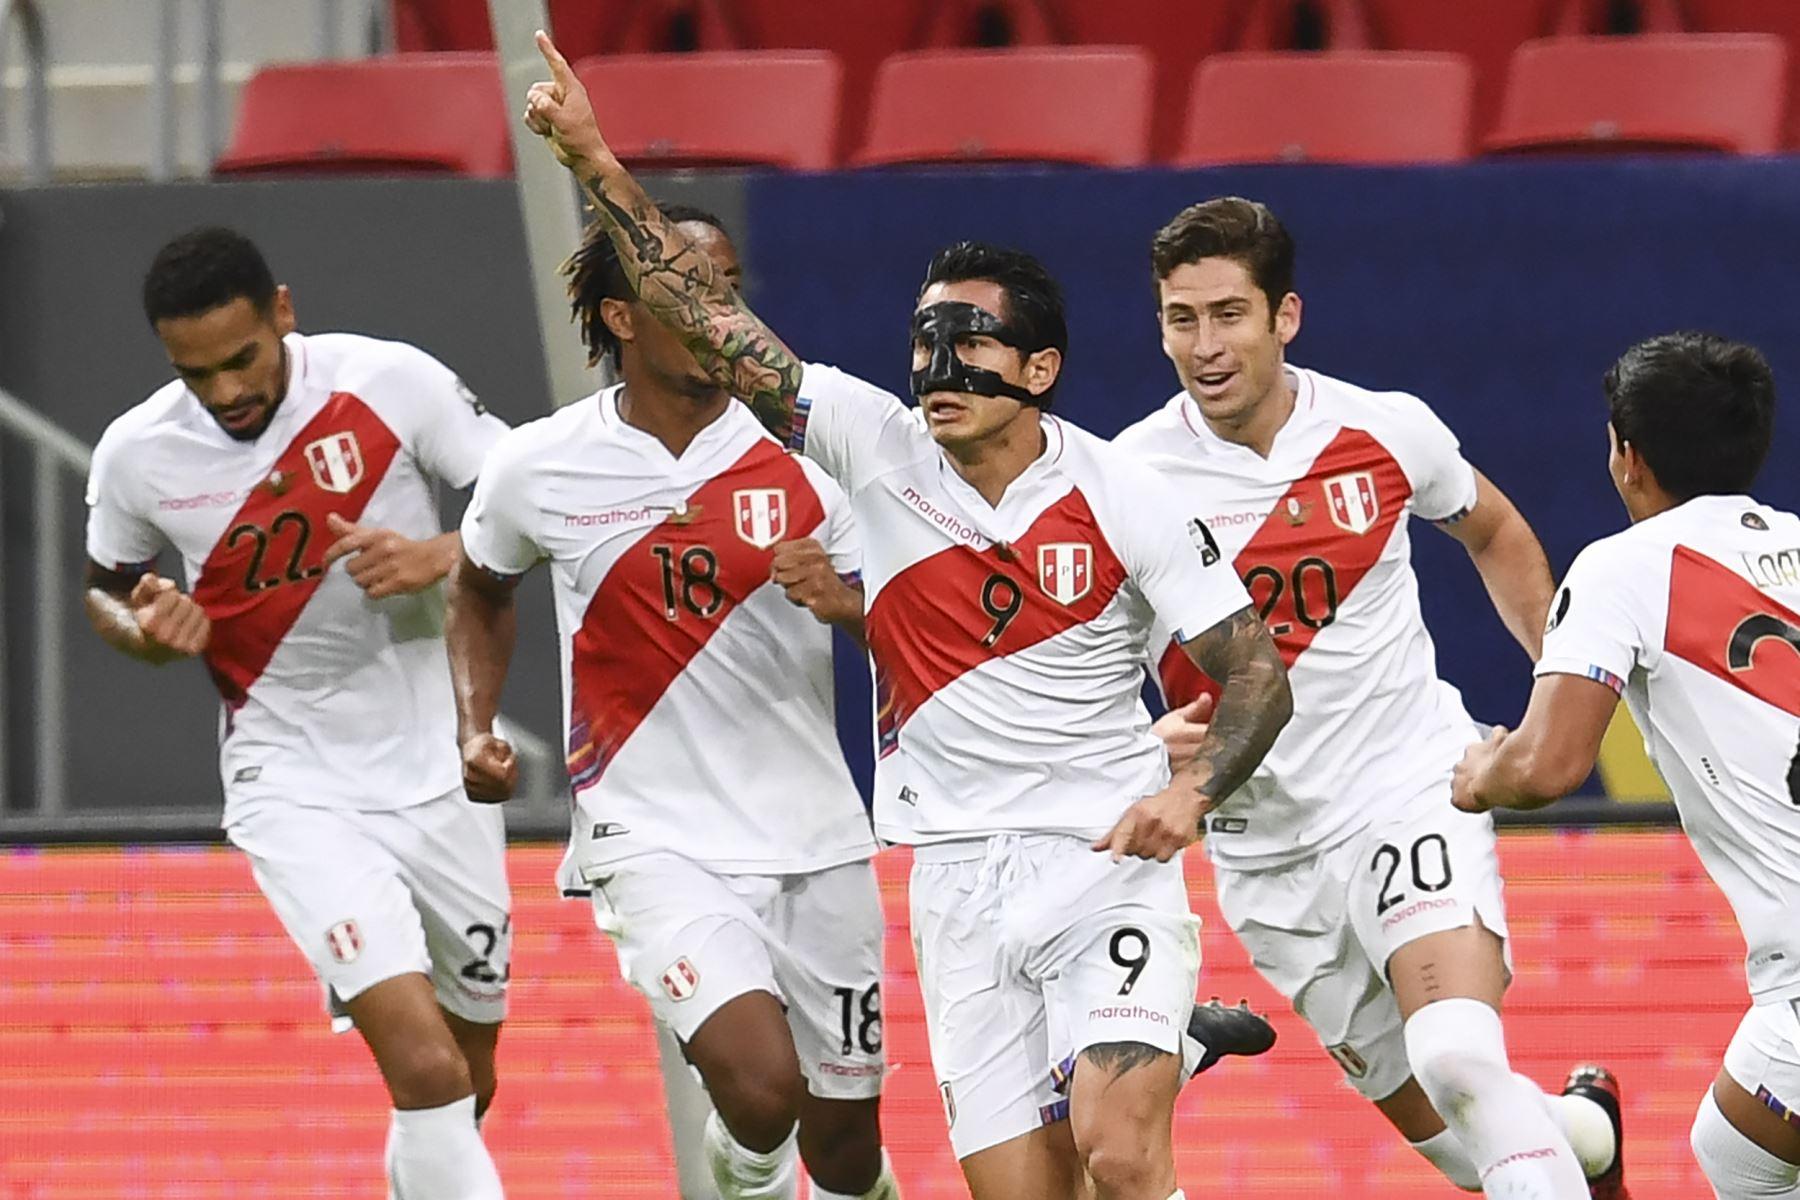 Presidente Sagasti destaca entrega de la selección en la Copa América